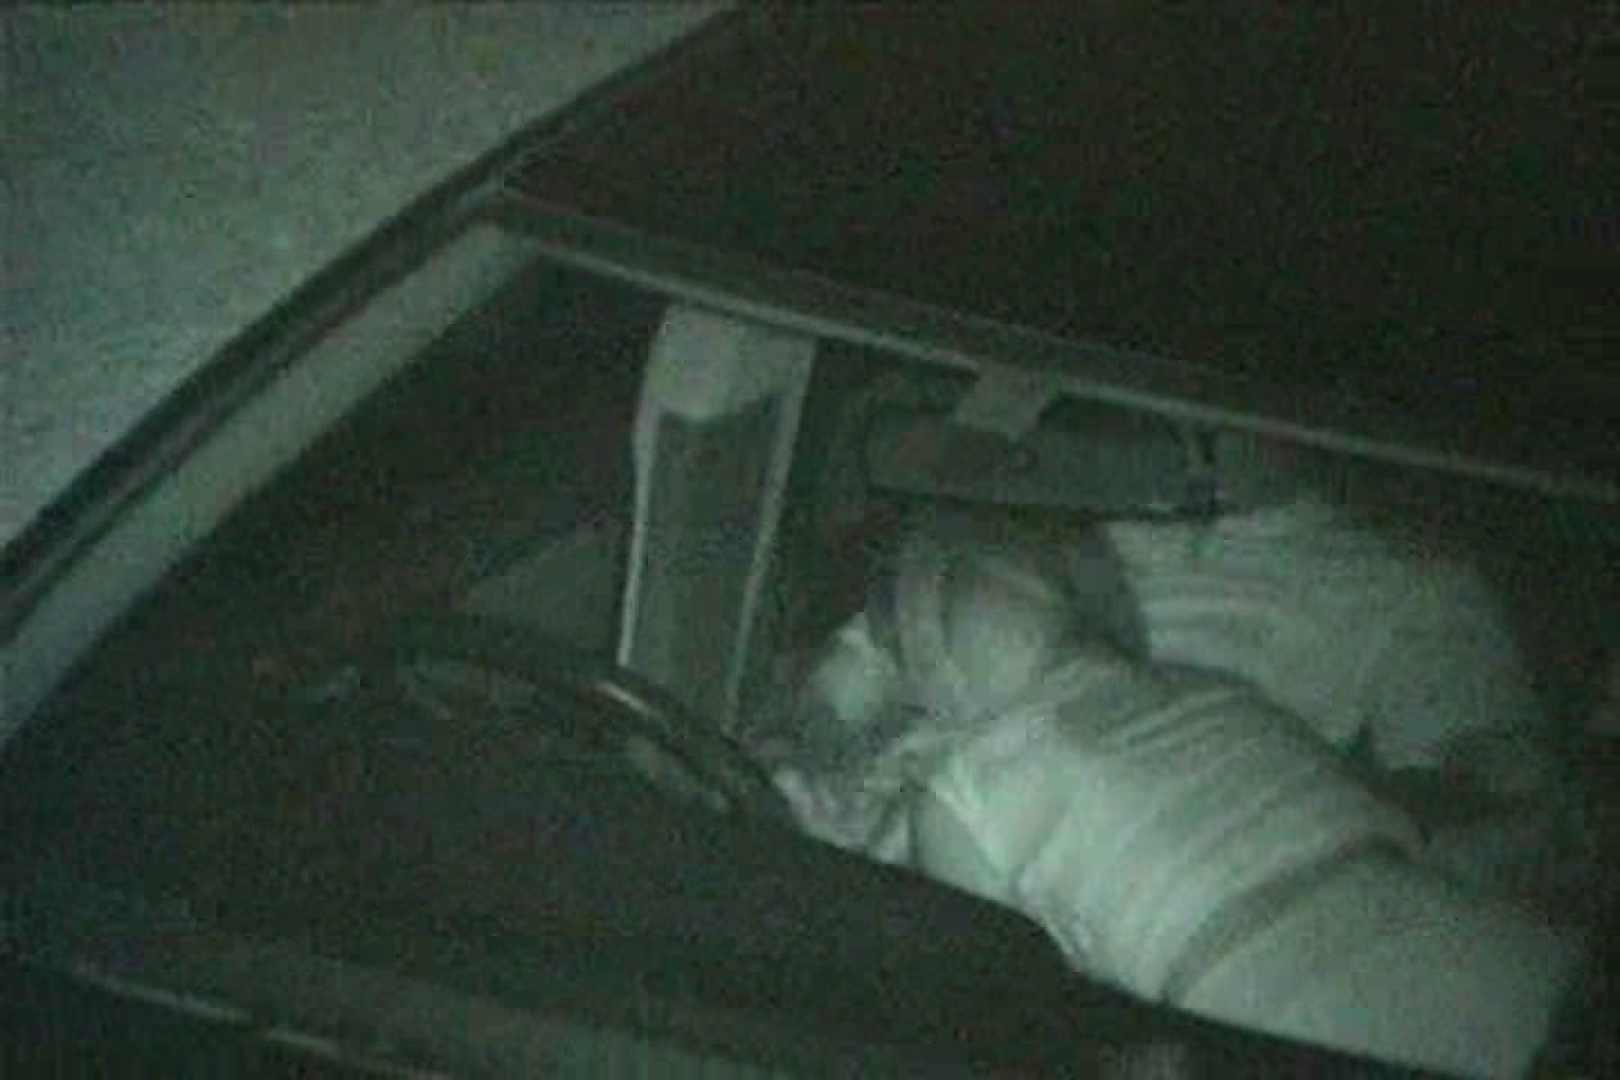 車の中はラブホテル 無修正版  Vol.25 車でエッチ 隠し撮りオマンコ動画紹介 103PIX 42